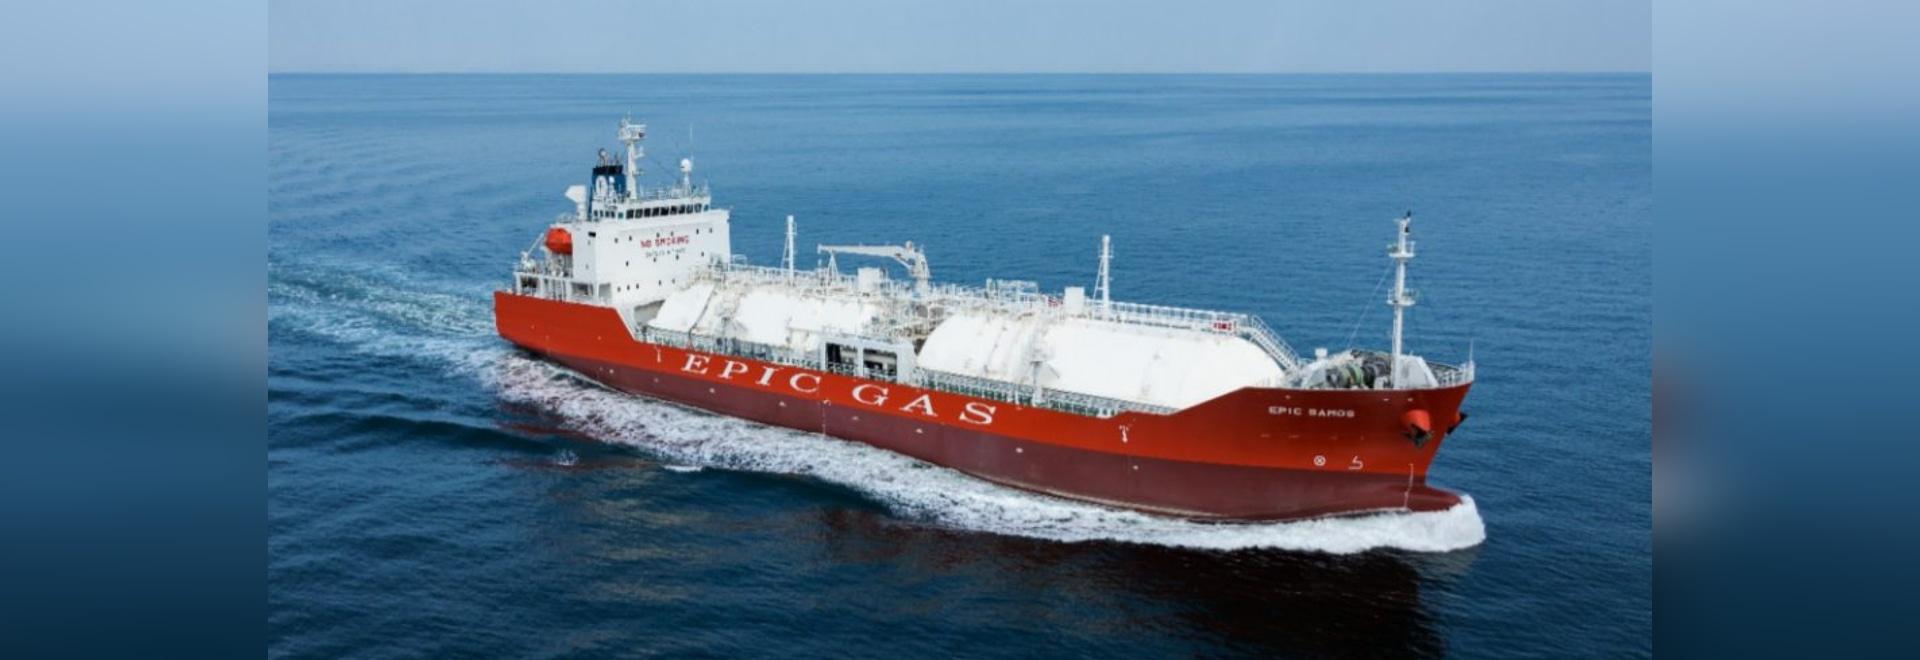 Image Courtesy: Epic Gas